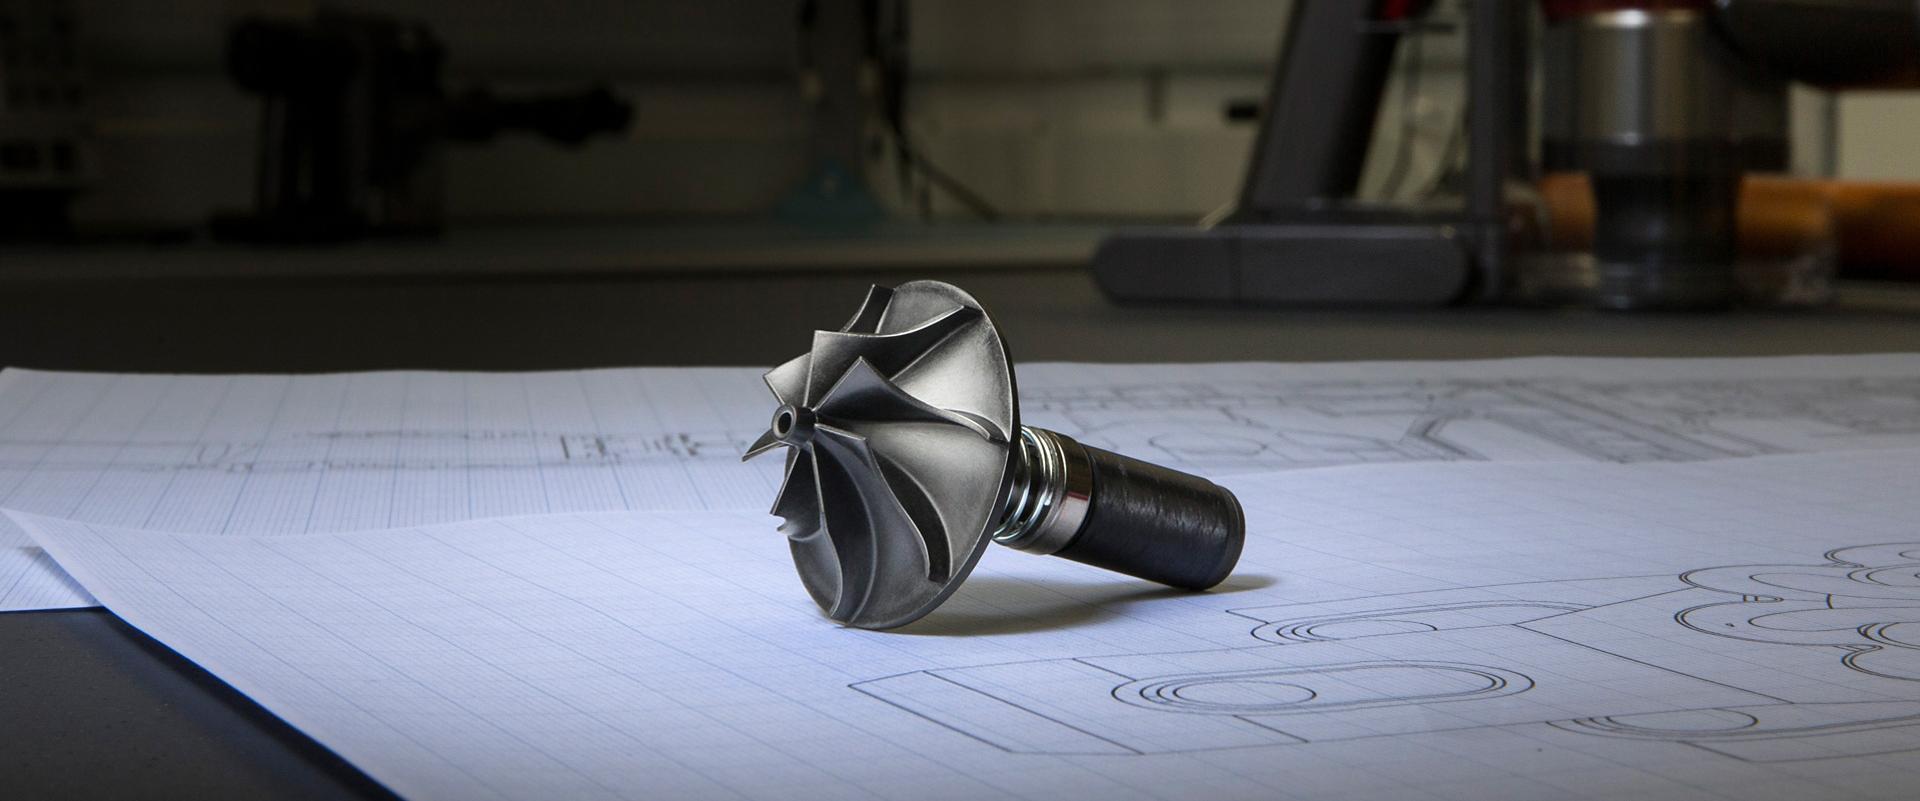 מנוע V8 הדיגיטלי של Dyson